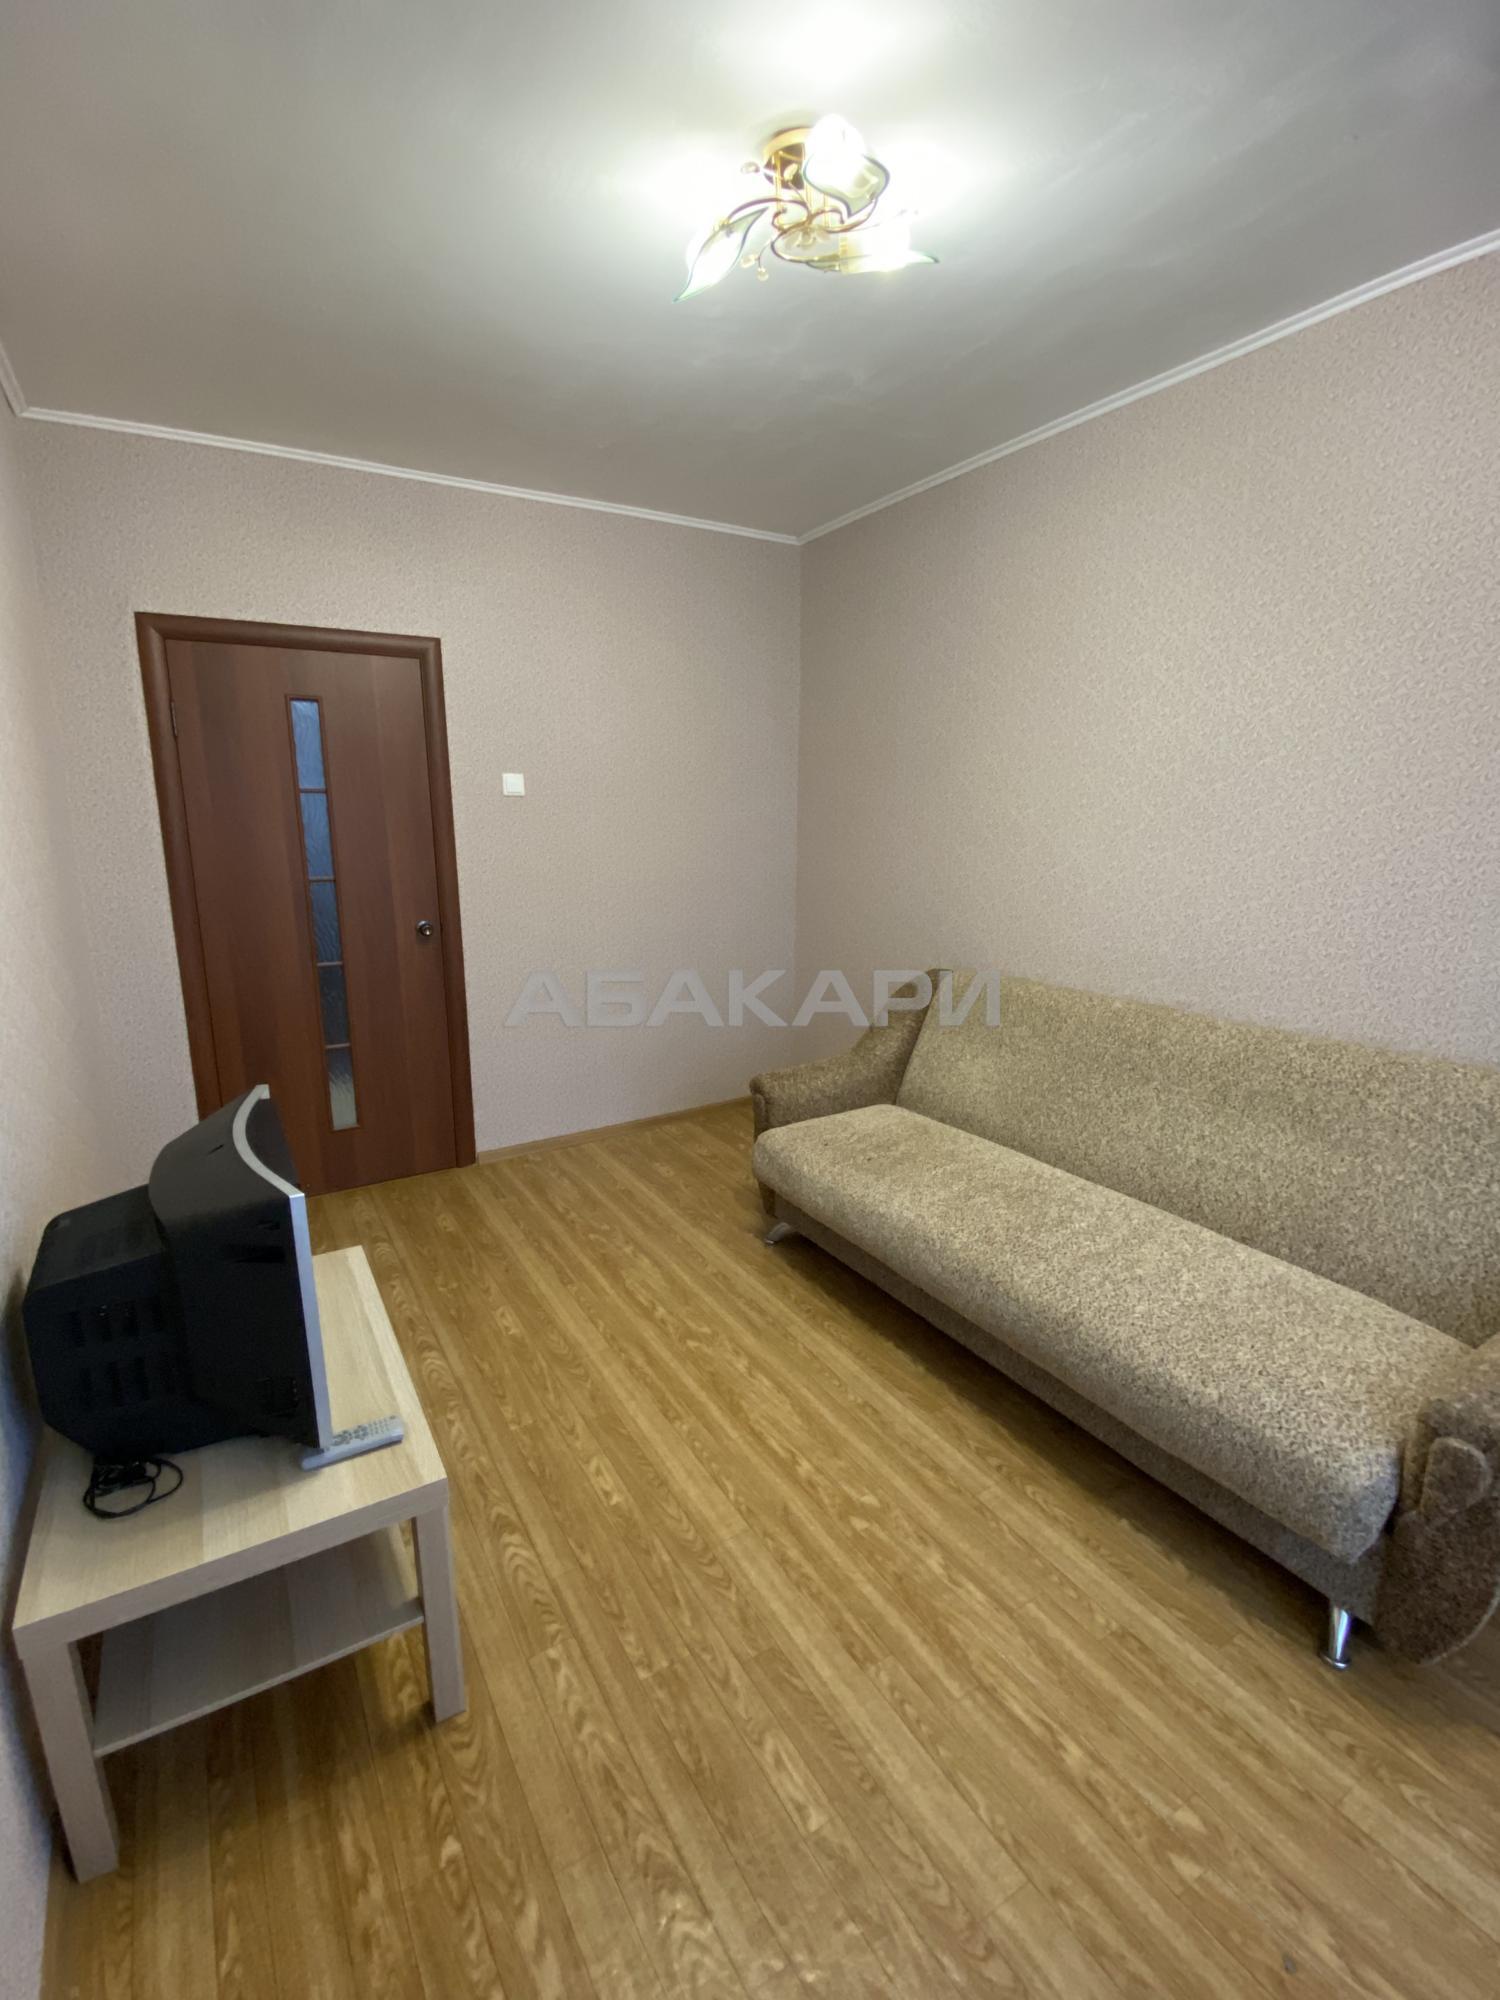 1к квартира улица Бабушкина, 41 6/10 - 32кв | 19000 | аренда в Красноярске фото 0